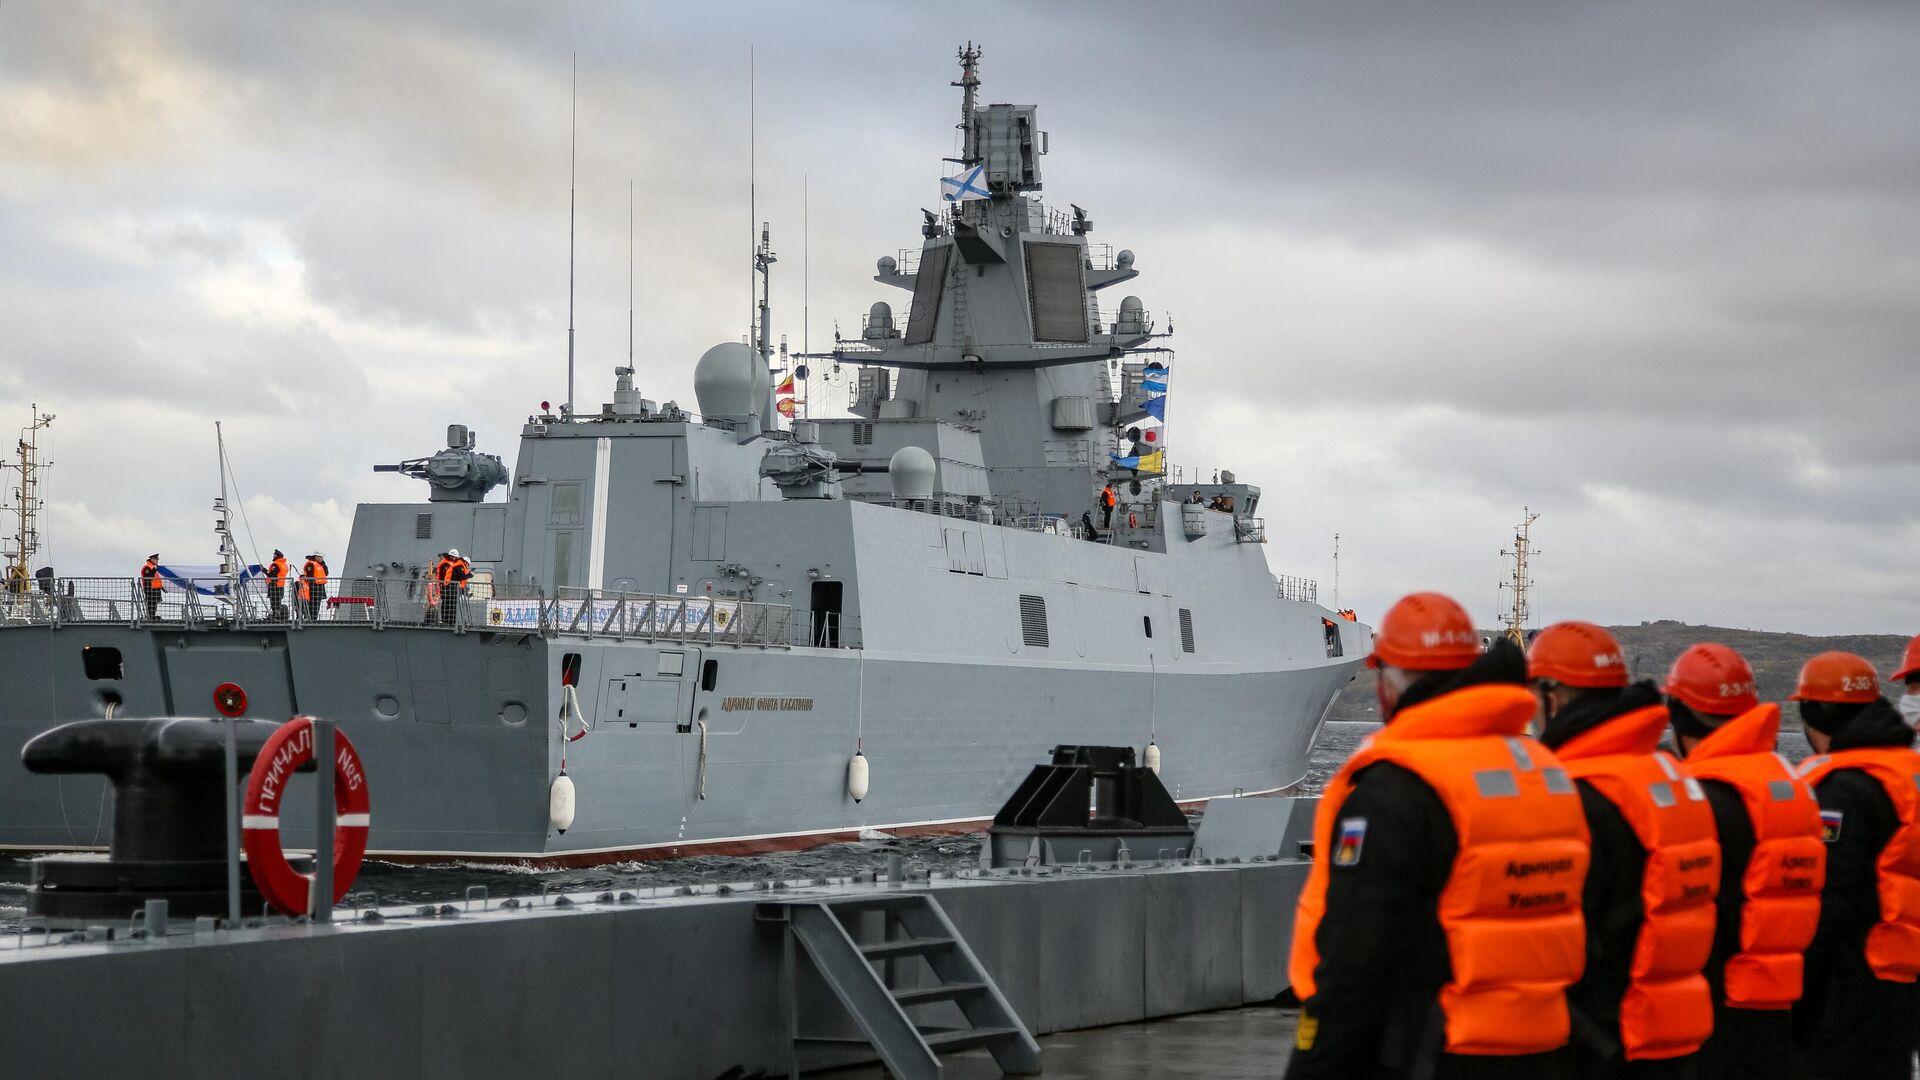 Фрегат проекта 22350 Адмирал флота Касатонов в порту Североморска - РИА Новости, 1920, 03.12.2020